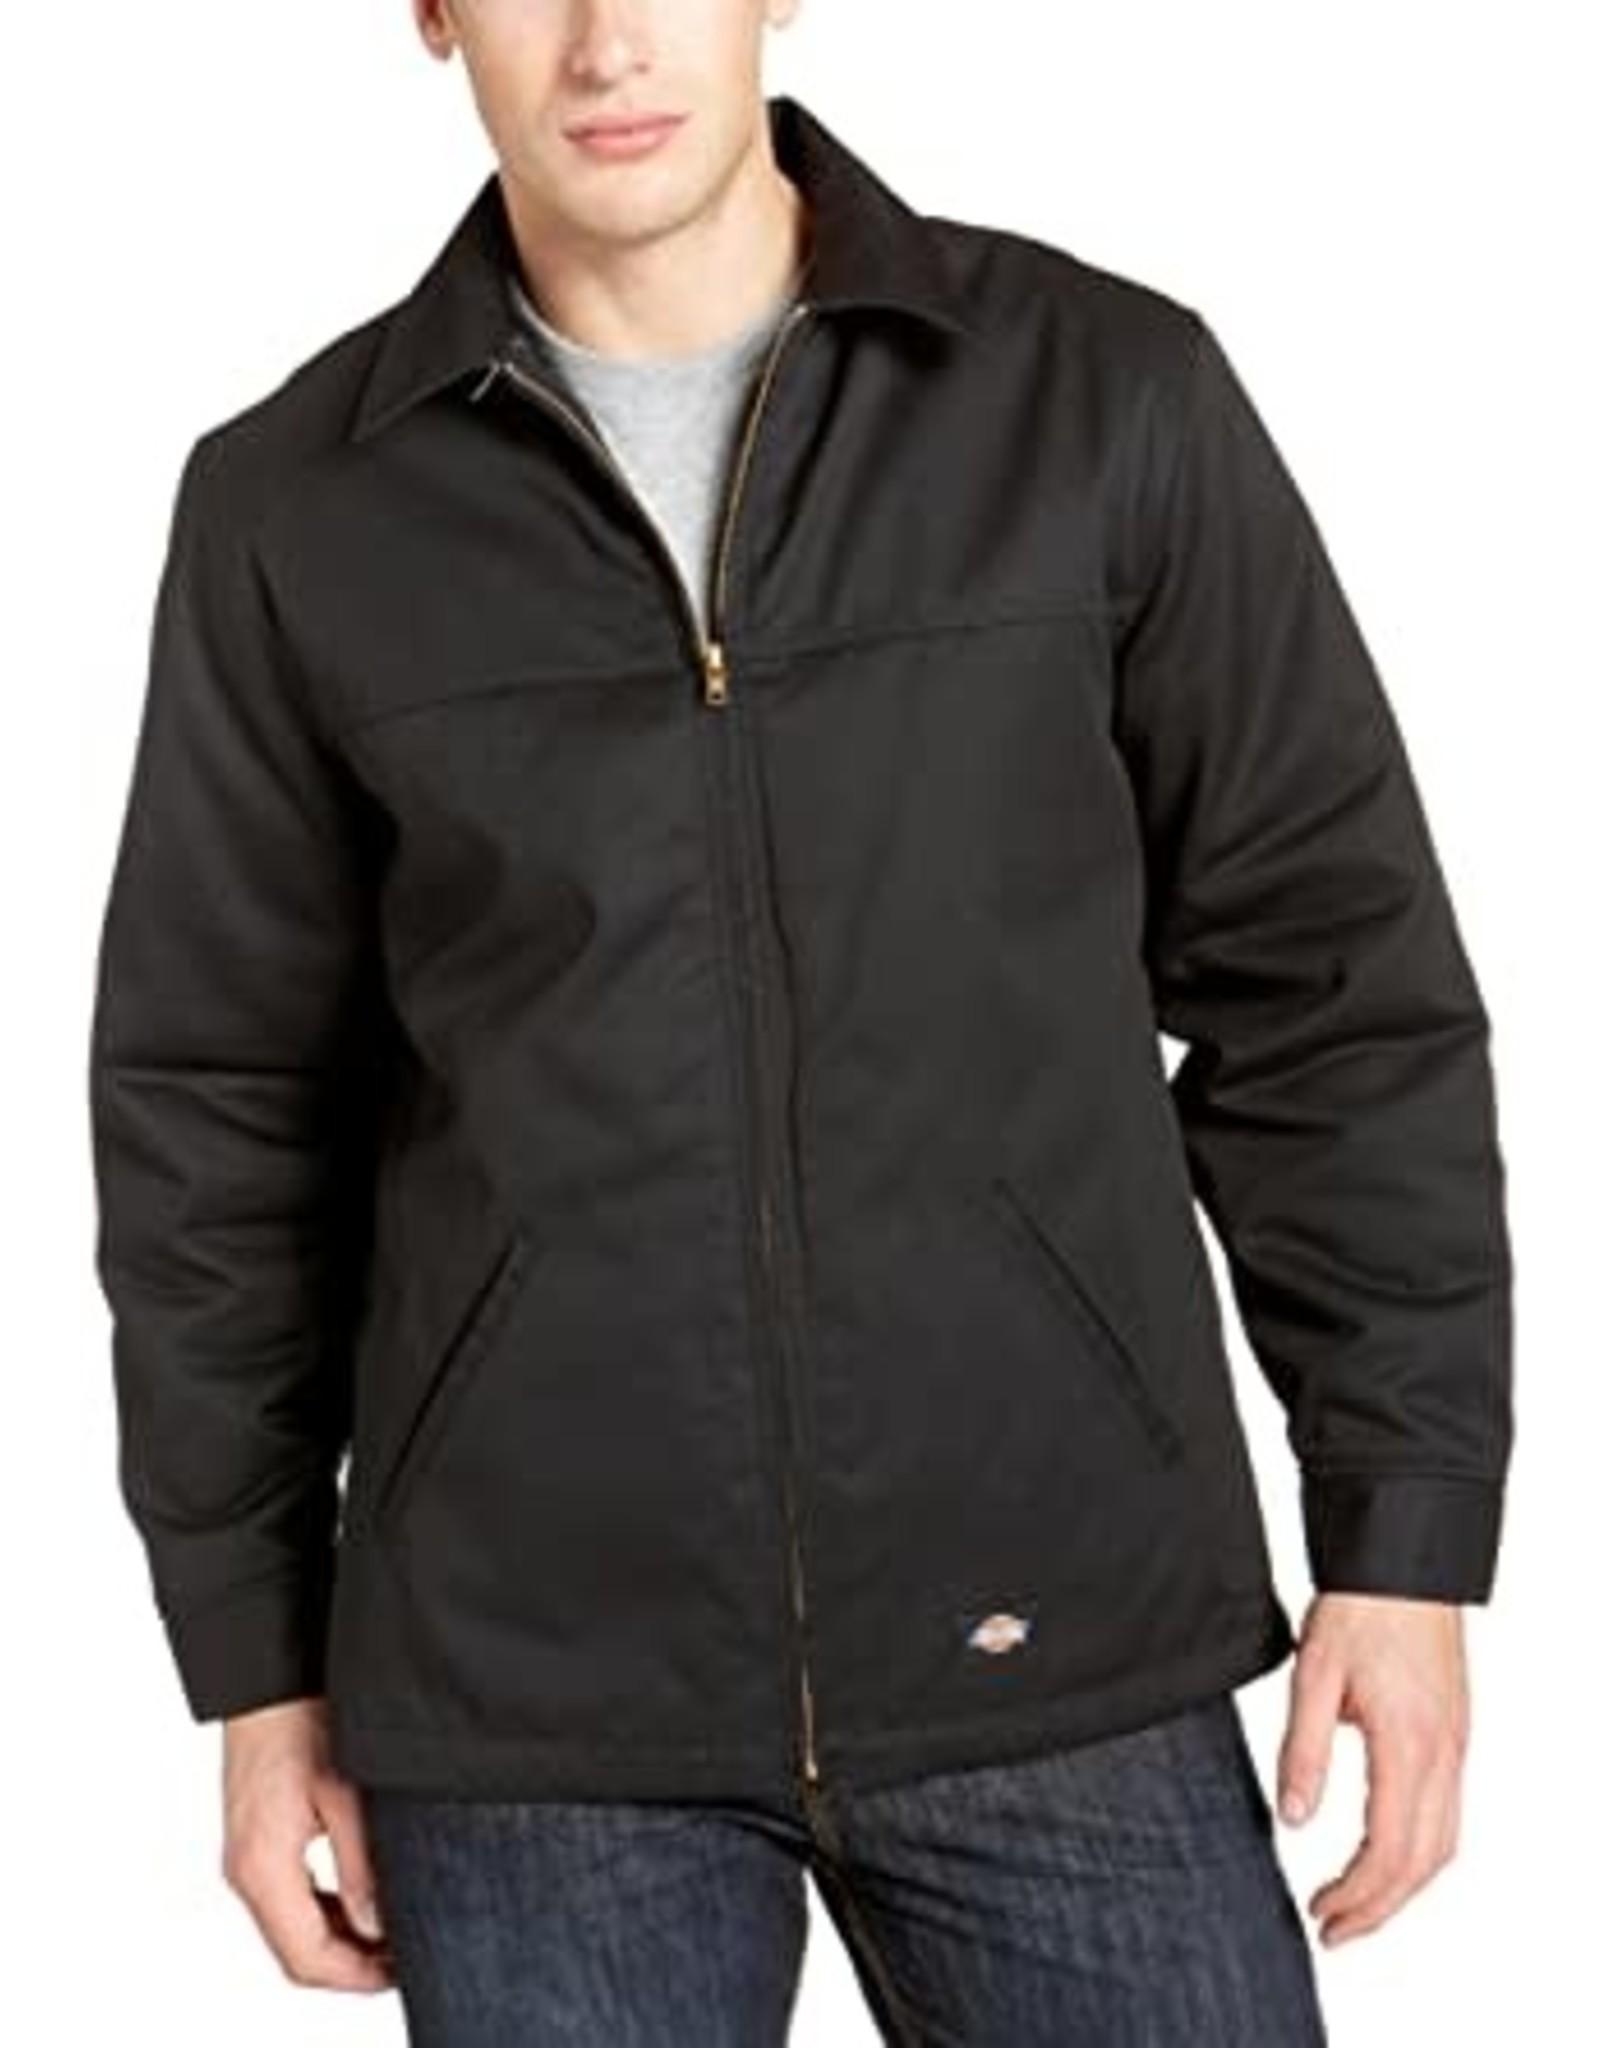 Dickies M's Flex Twill Jacket - Black